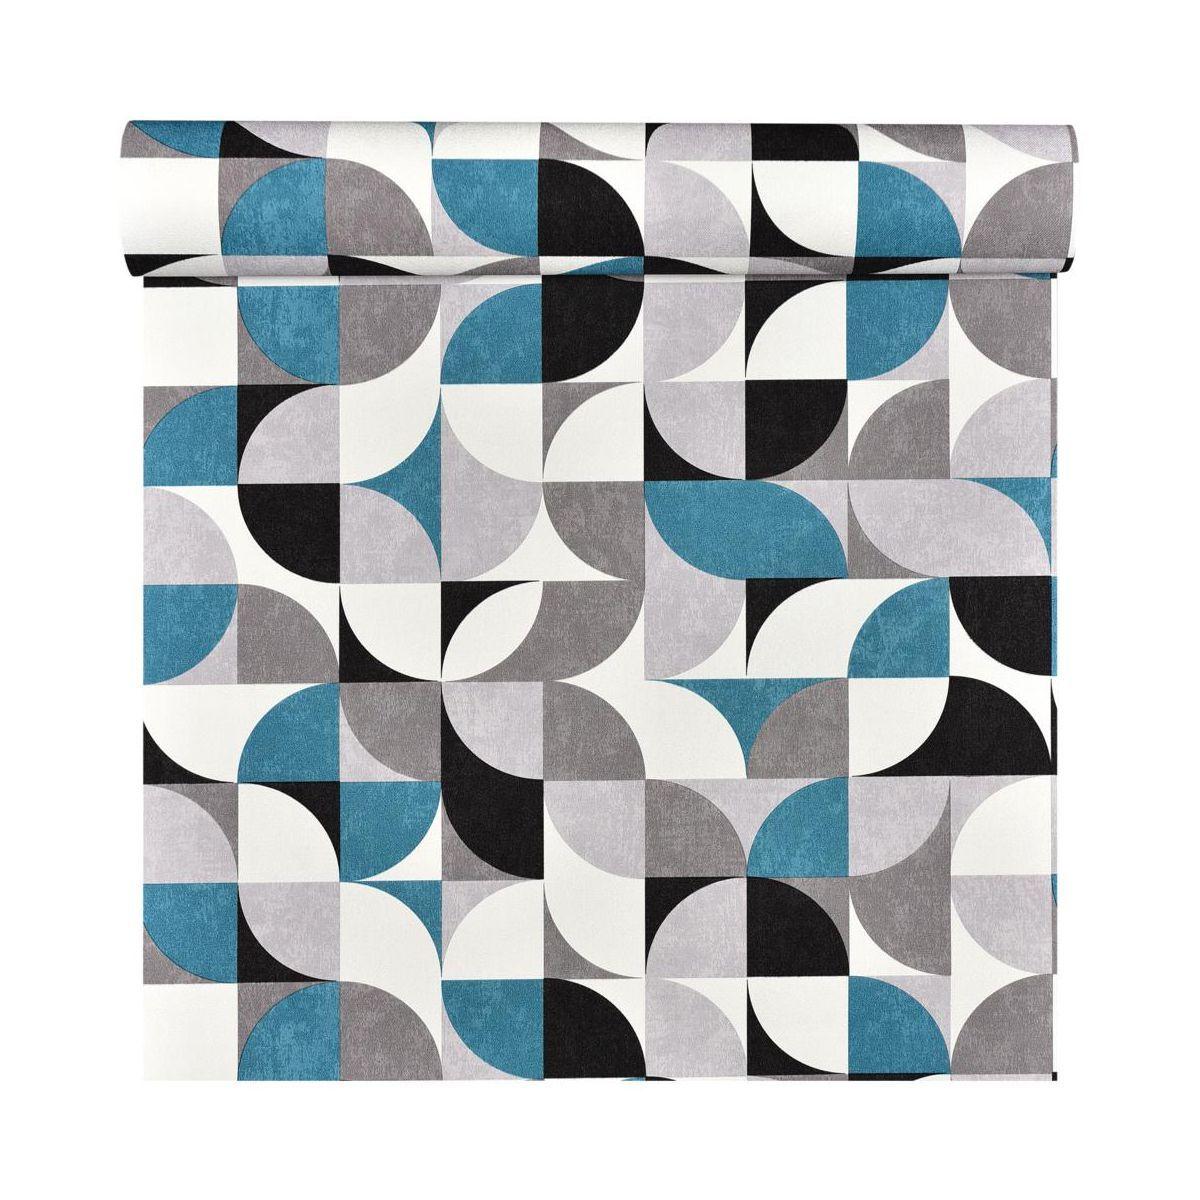 Tapeta Vid Rasch Tapety Na Sciane W Atrakcyjnej Cenie W Sklepach Leroy Merlin Blanket Quilts Home